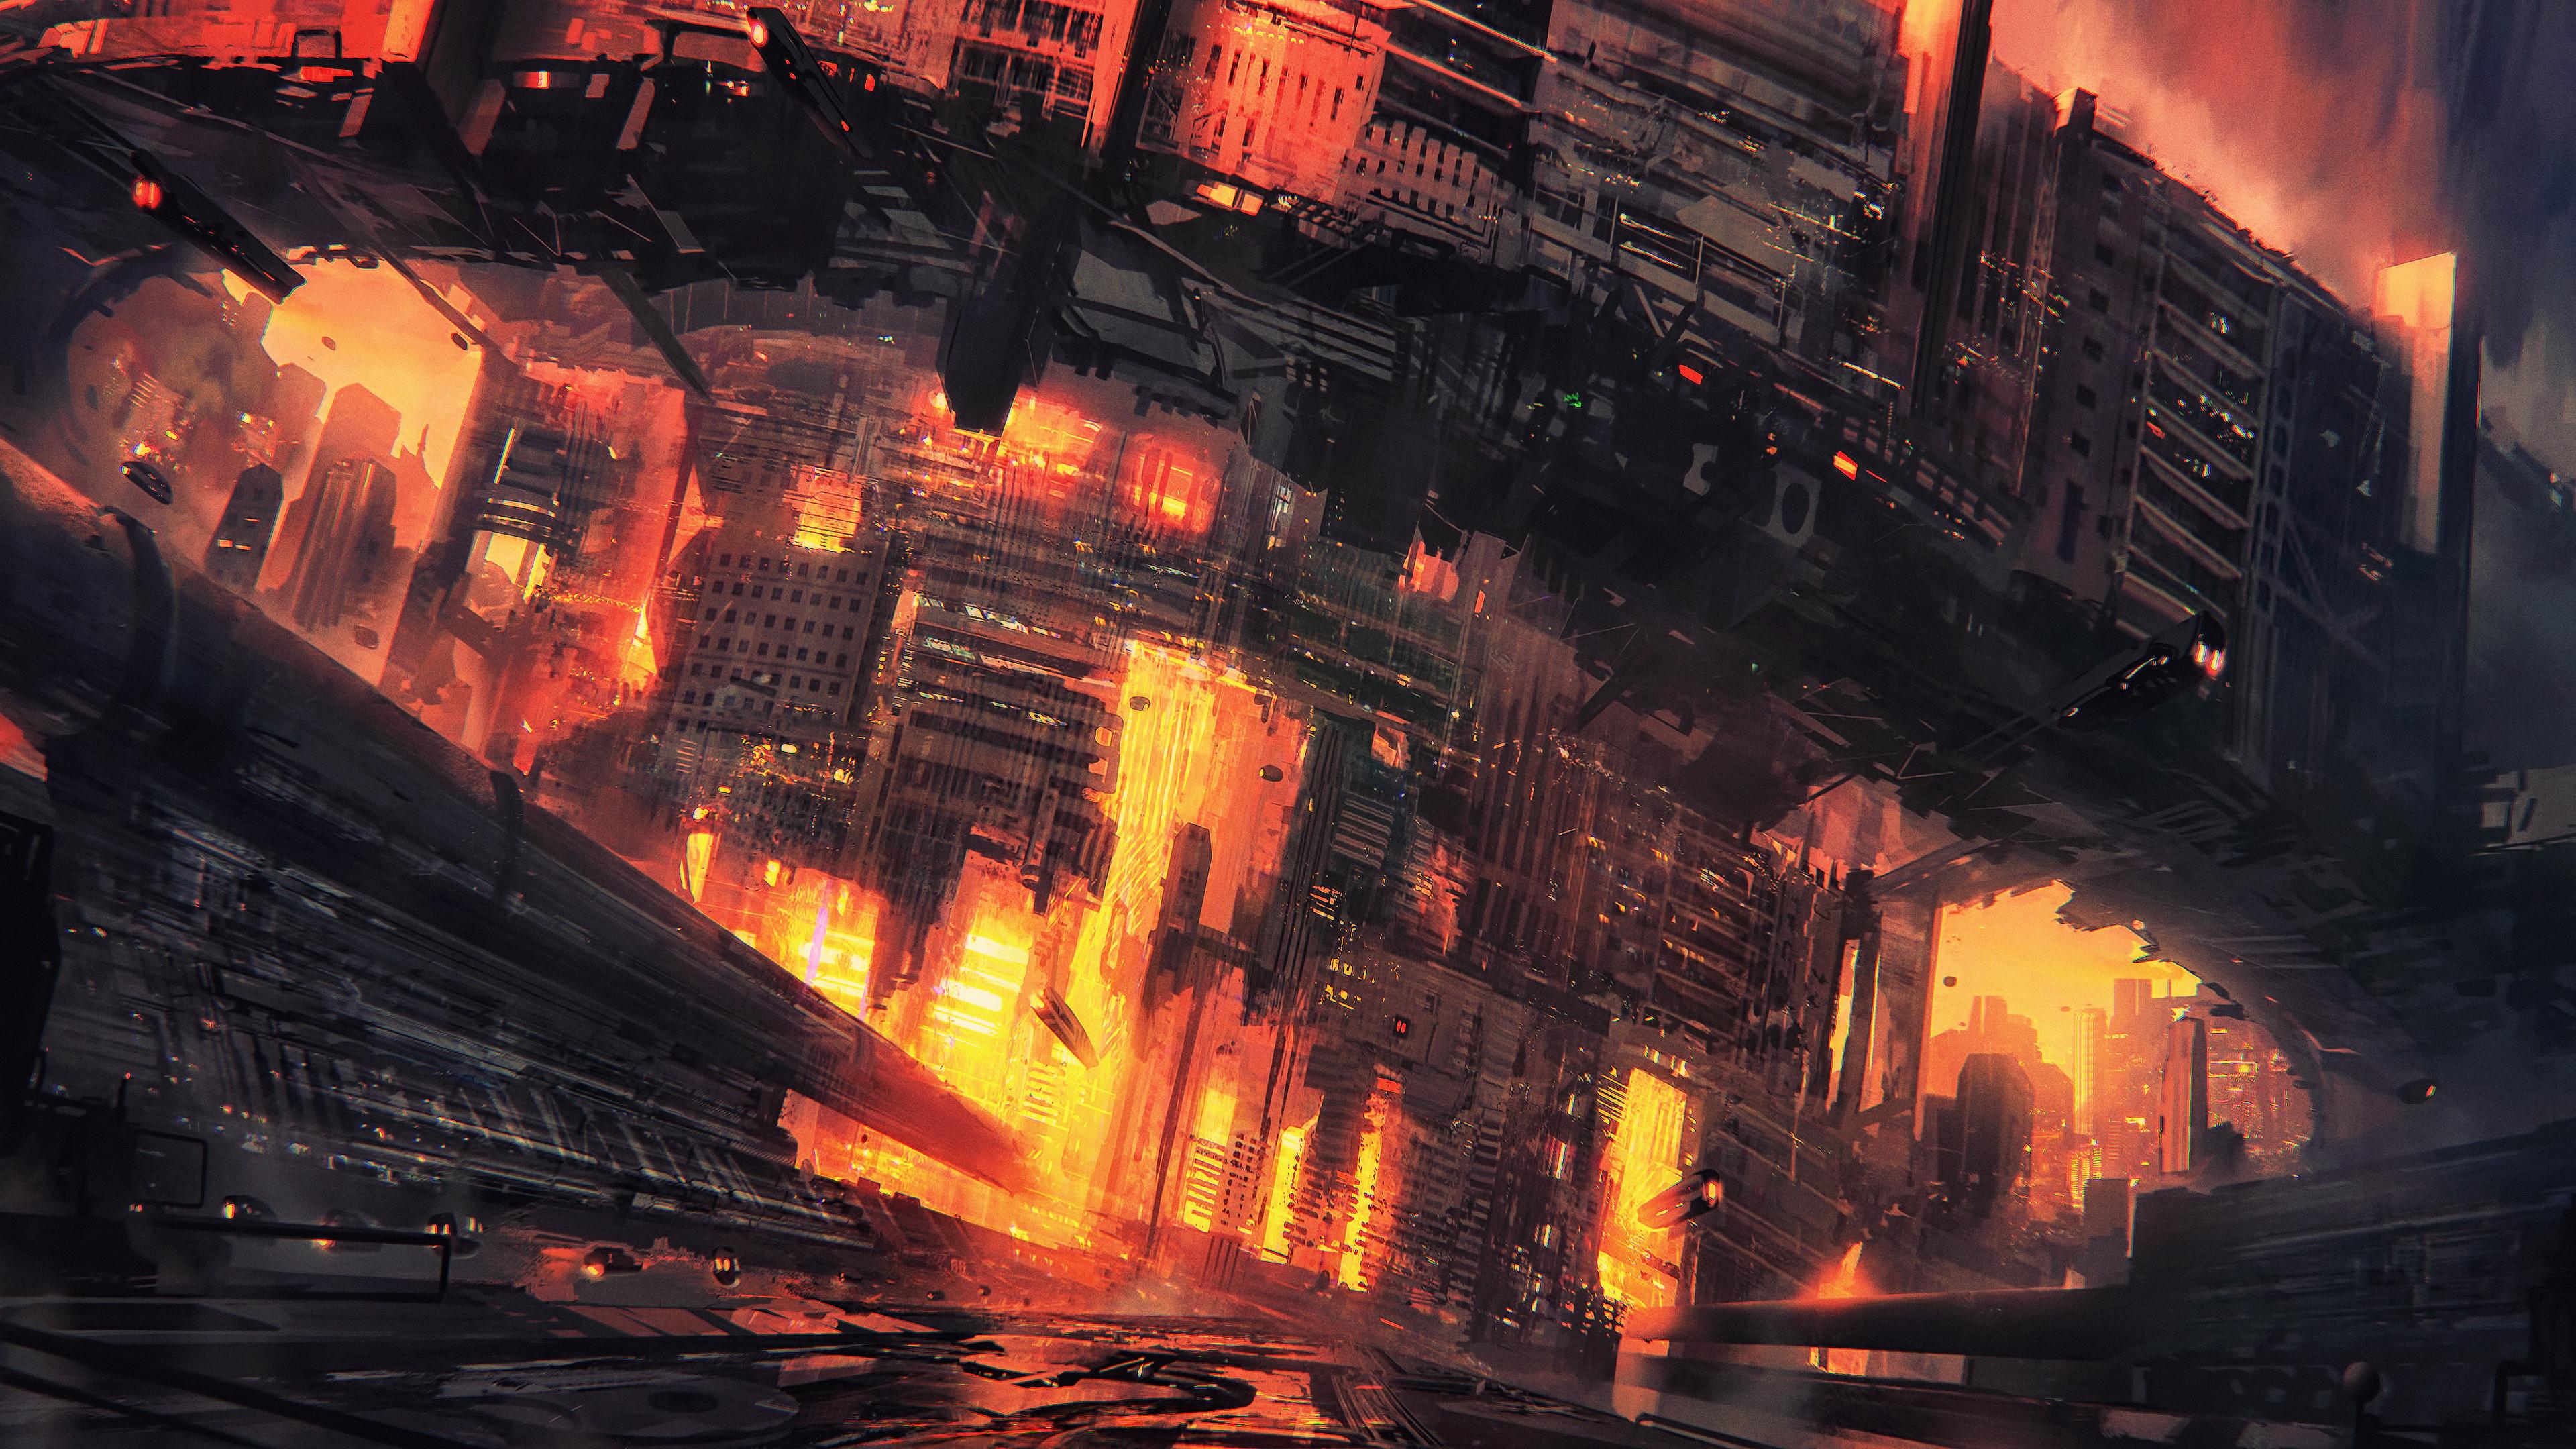 cyberpunk city concept art 4k 1551642015 - Cyberpunk City Concept Art 4k - hd-wallpapers, digital art wallpapers, cyberpunk wallpapers, concept art wallpapers, city wallpapers, artwork wallpapers, artist wallpapers, 4k-wallpapers